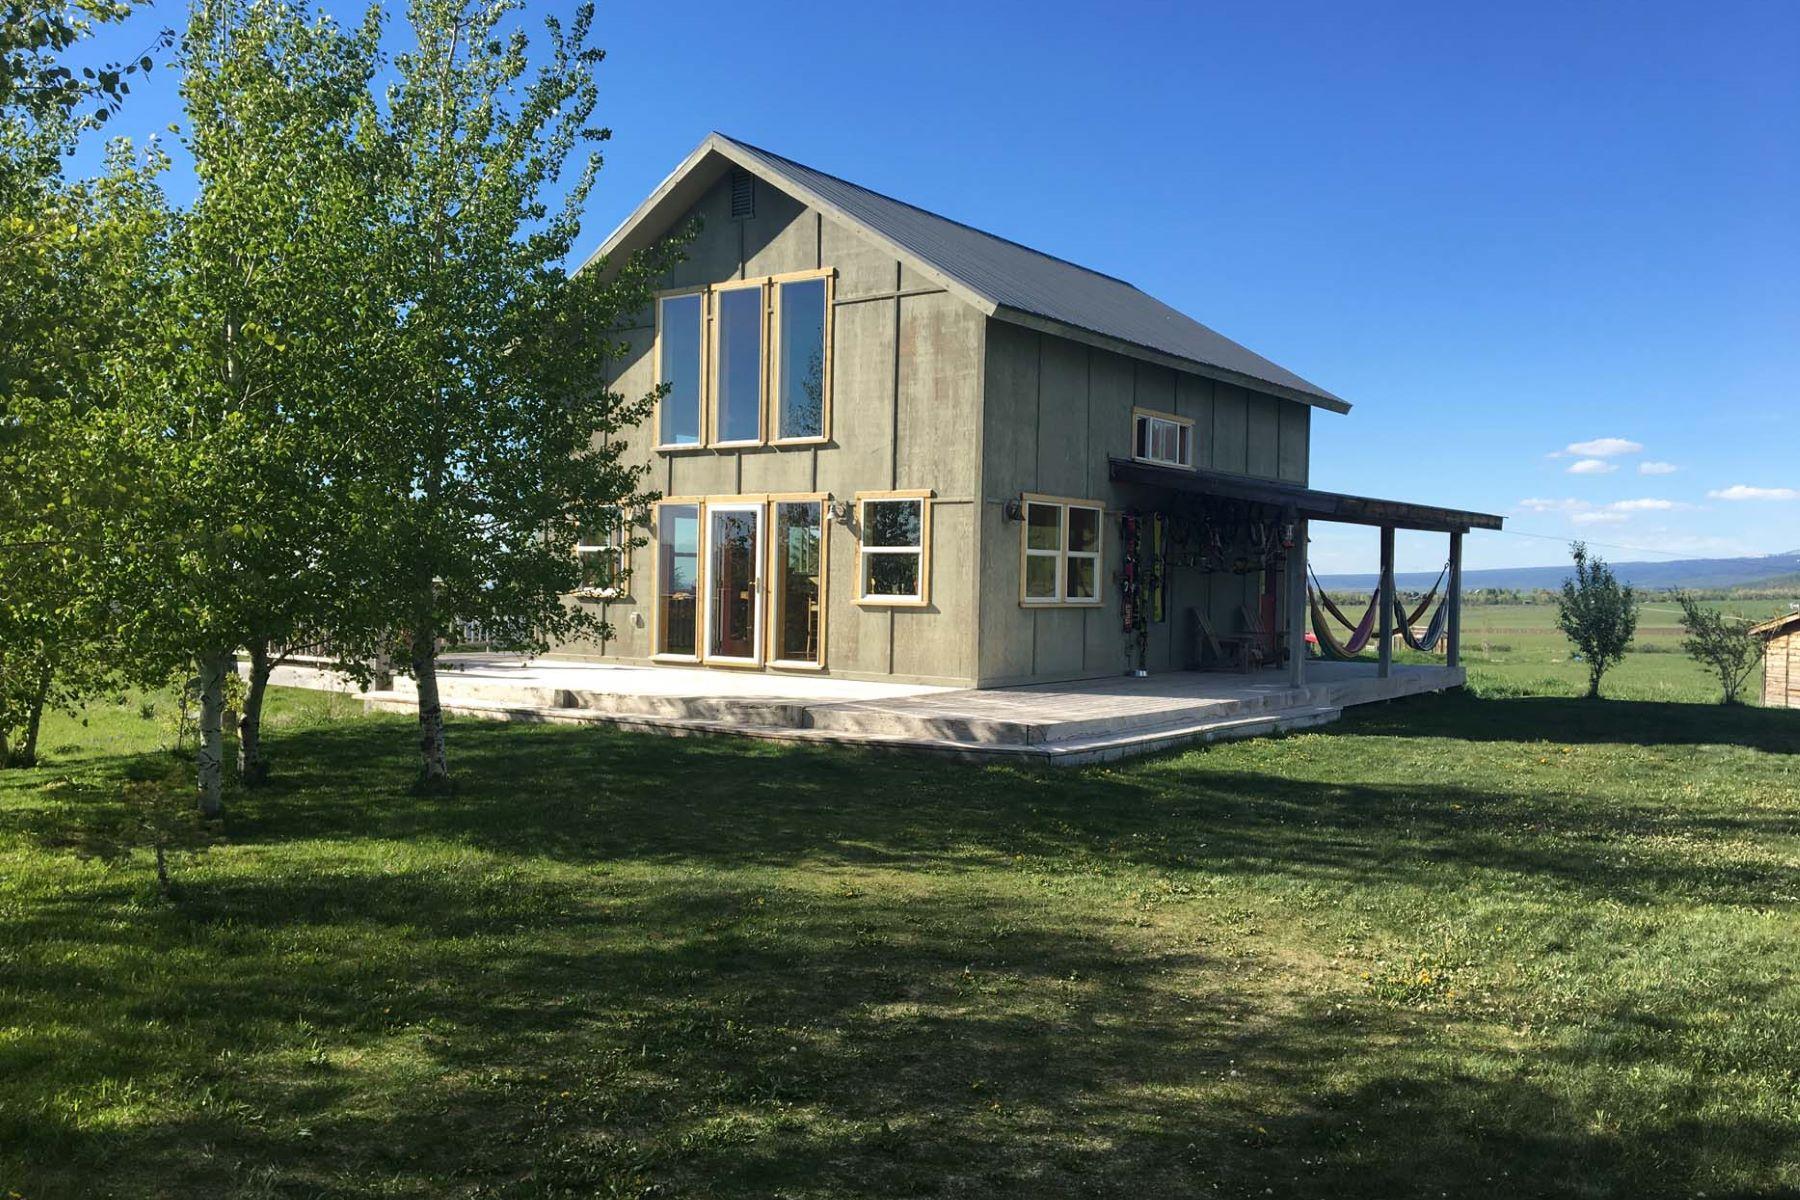 独户住宅 为 销售 在 Fox Creek Country Home on 5 Acres 1690 Shire Dr 维克多, 爱达荷州, 83455 Jackson Hole, 美国